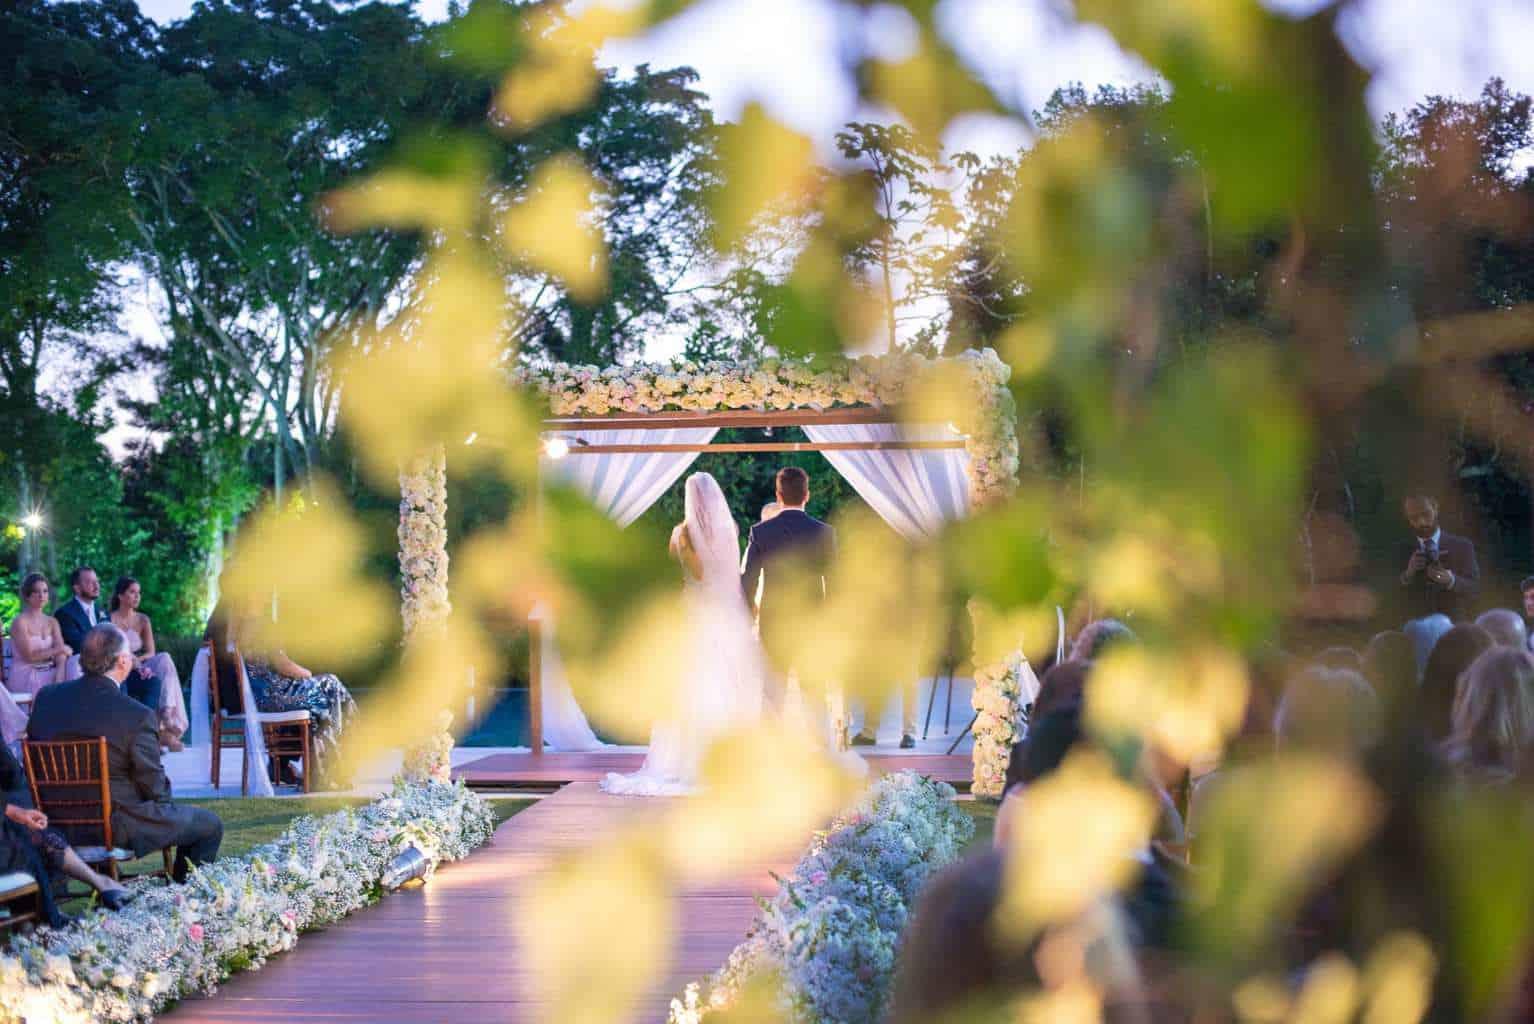 casamento-de-dia-casamento-Nicole-e-Thales-casamento-no-jardim-csasamento-ao-ar-livre-Fotografia-Marina-Fava-Galeria-Jardim-Rio-de-Janeiro-85